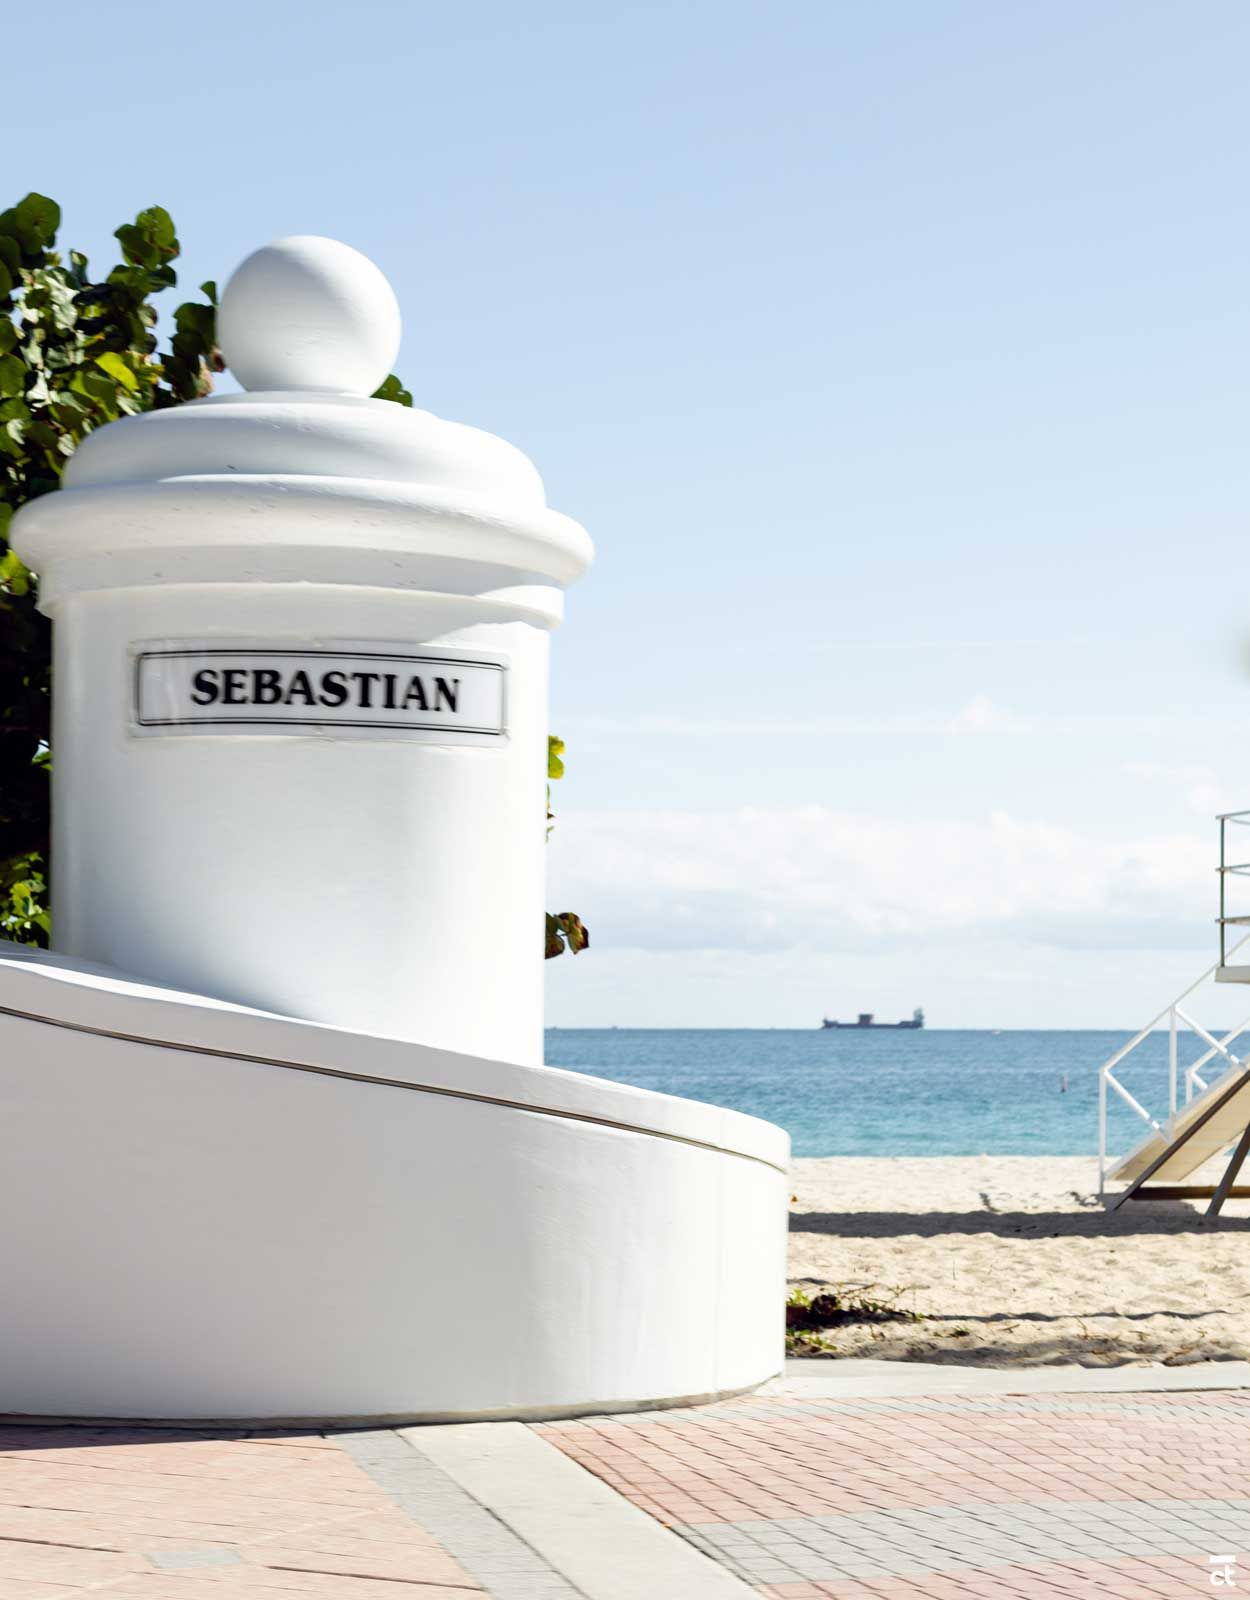 SEBASTIAN BEACH - Fort Lauderdale Travel Guide: 25 Things to Do in Fort Lauderdale, Florida - CHRISTOBEL TRAVEL